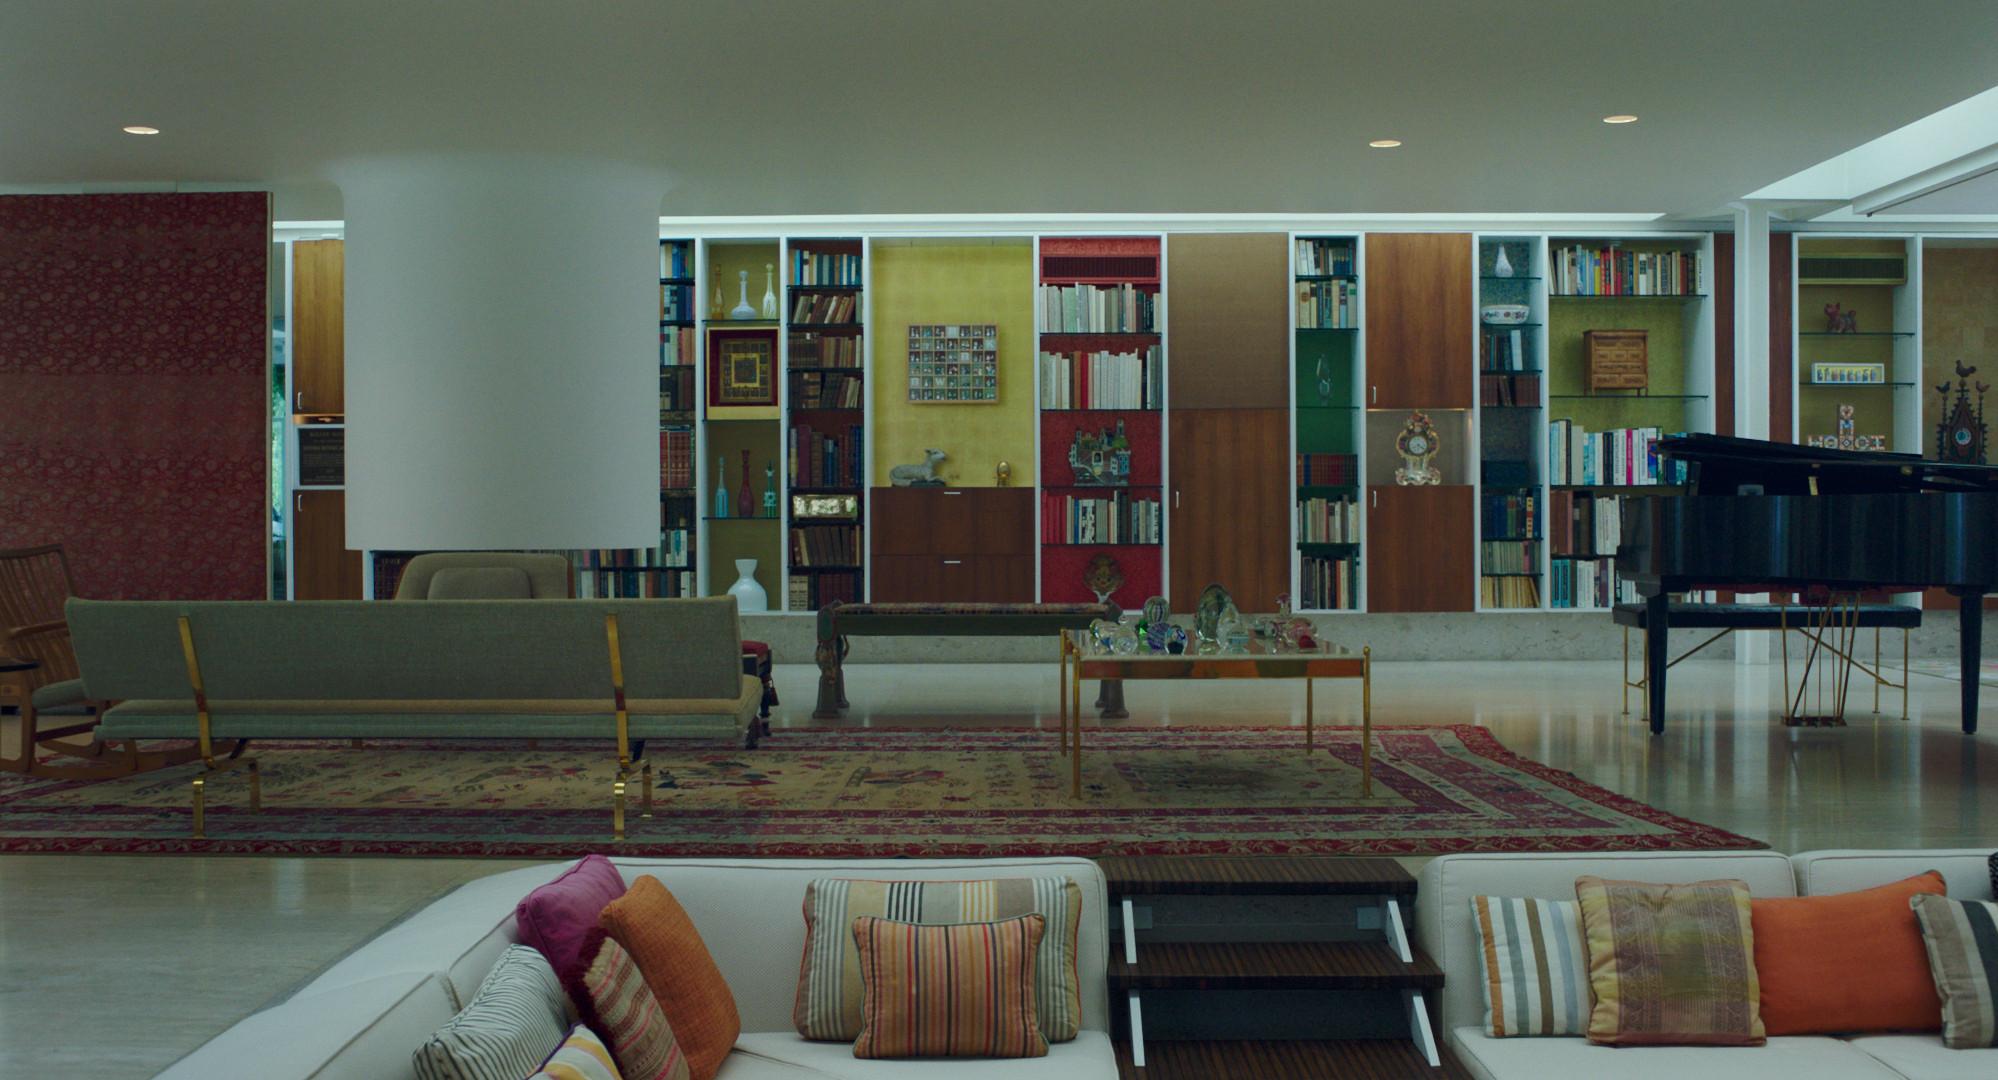 The living room of Eero Saarinen's Miller House in Columbus, Ind., with a sunken